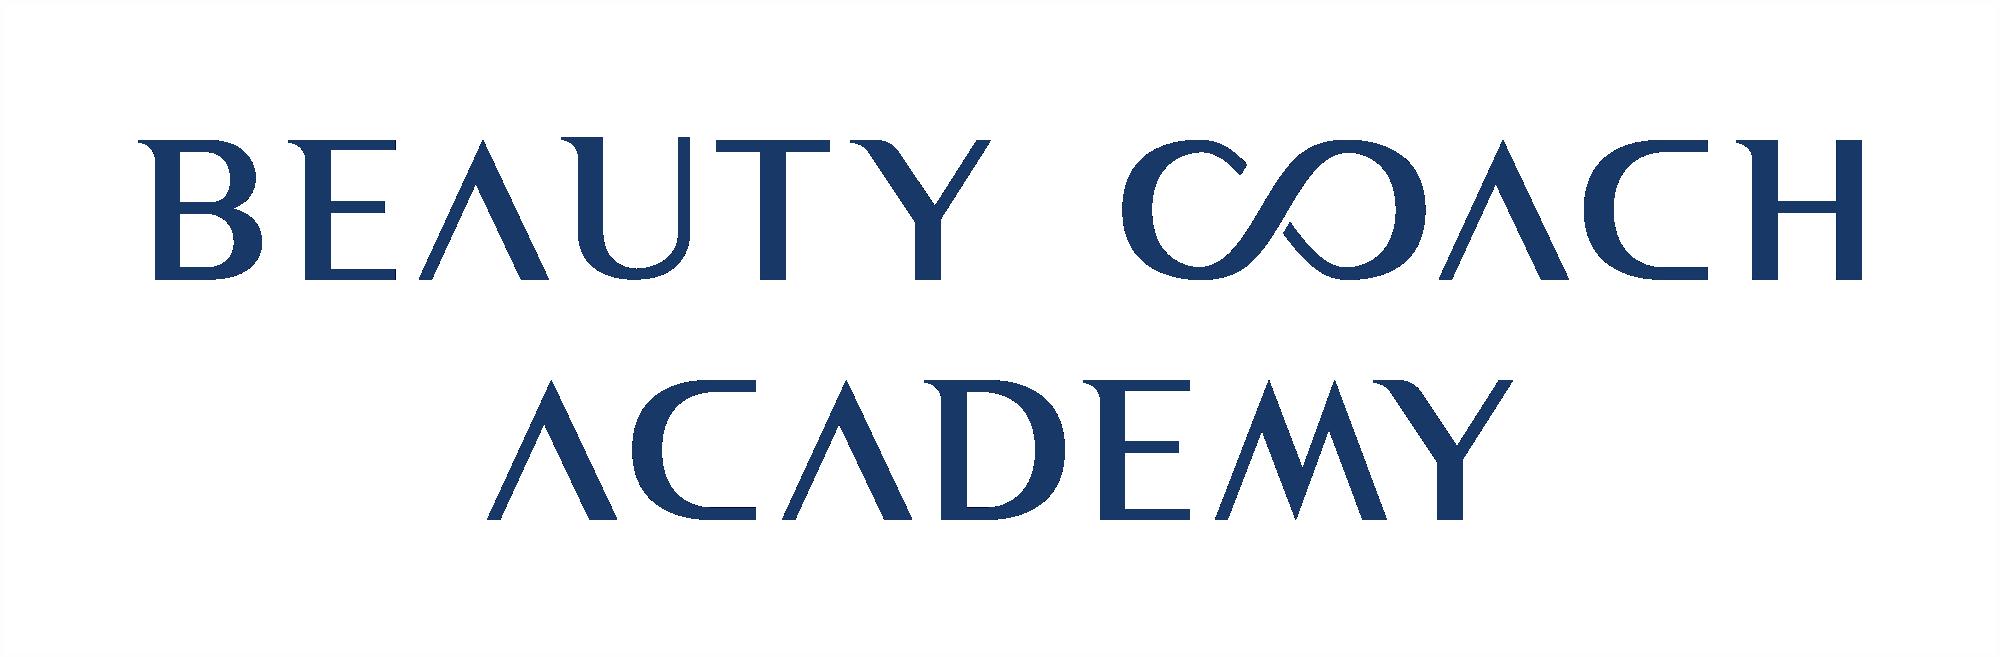 Beauty Coach Academy